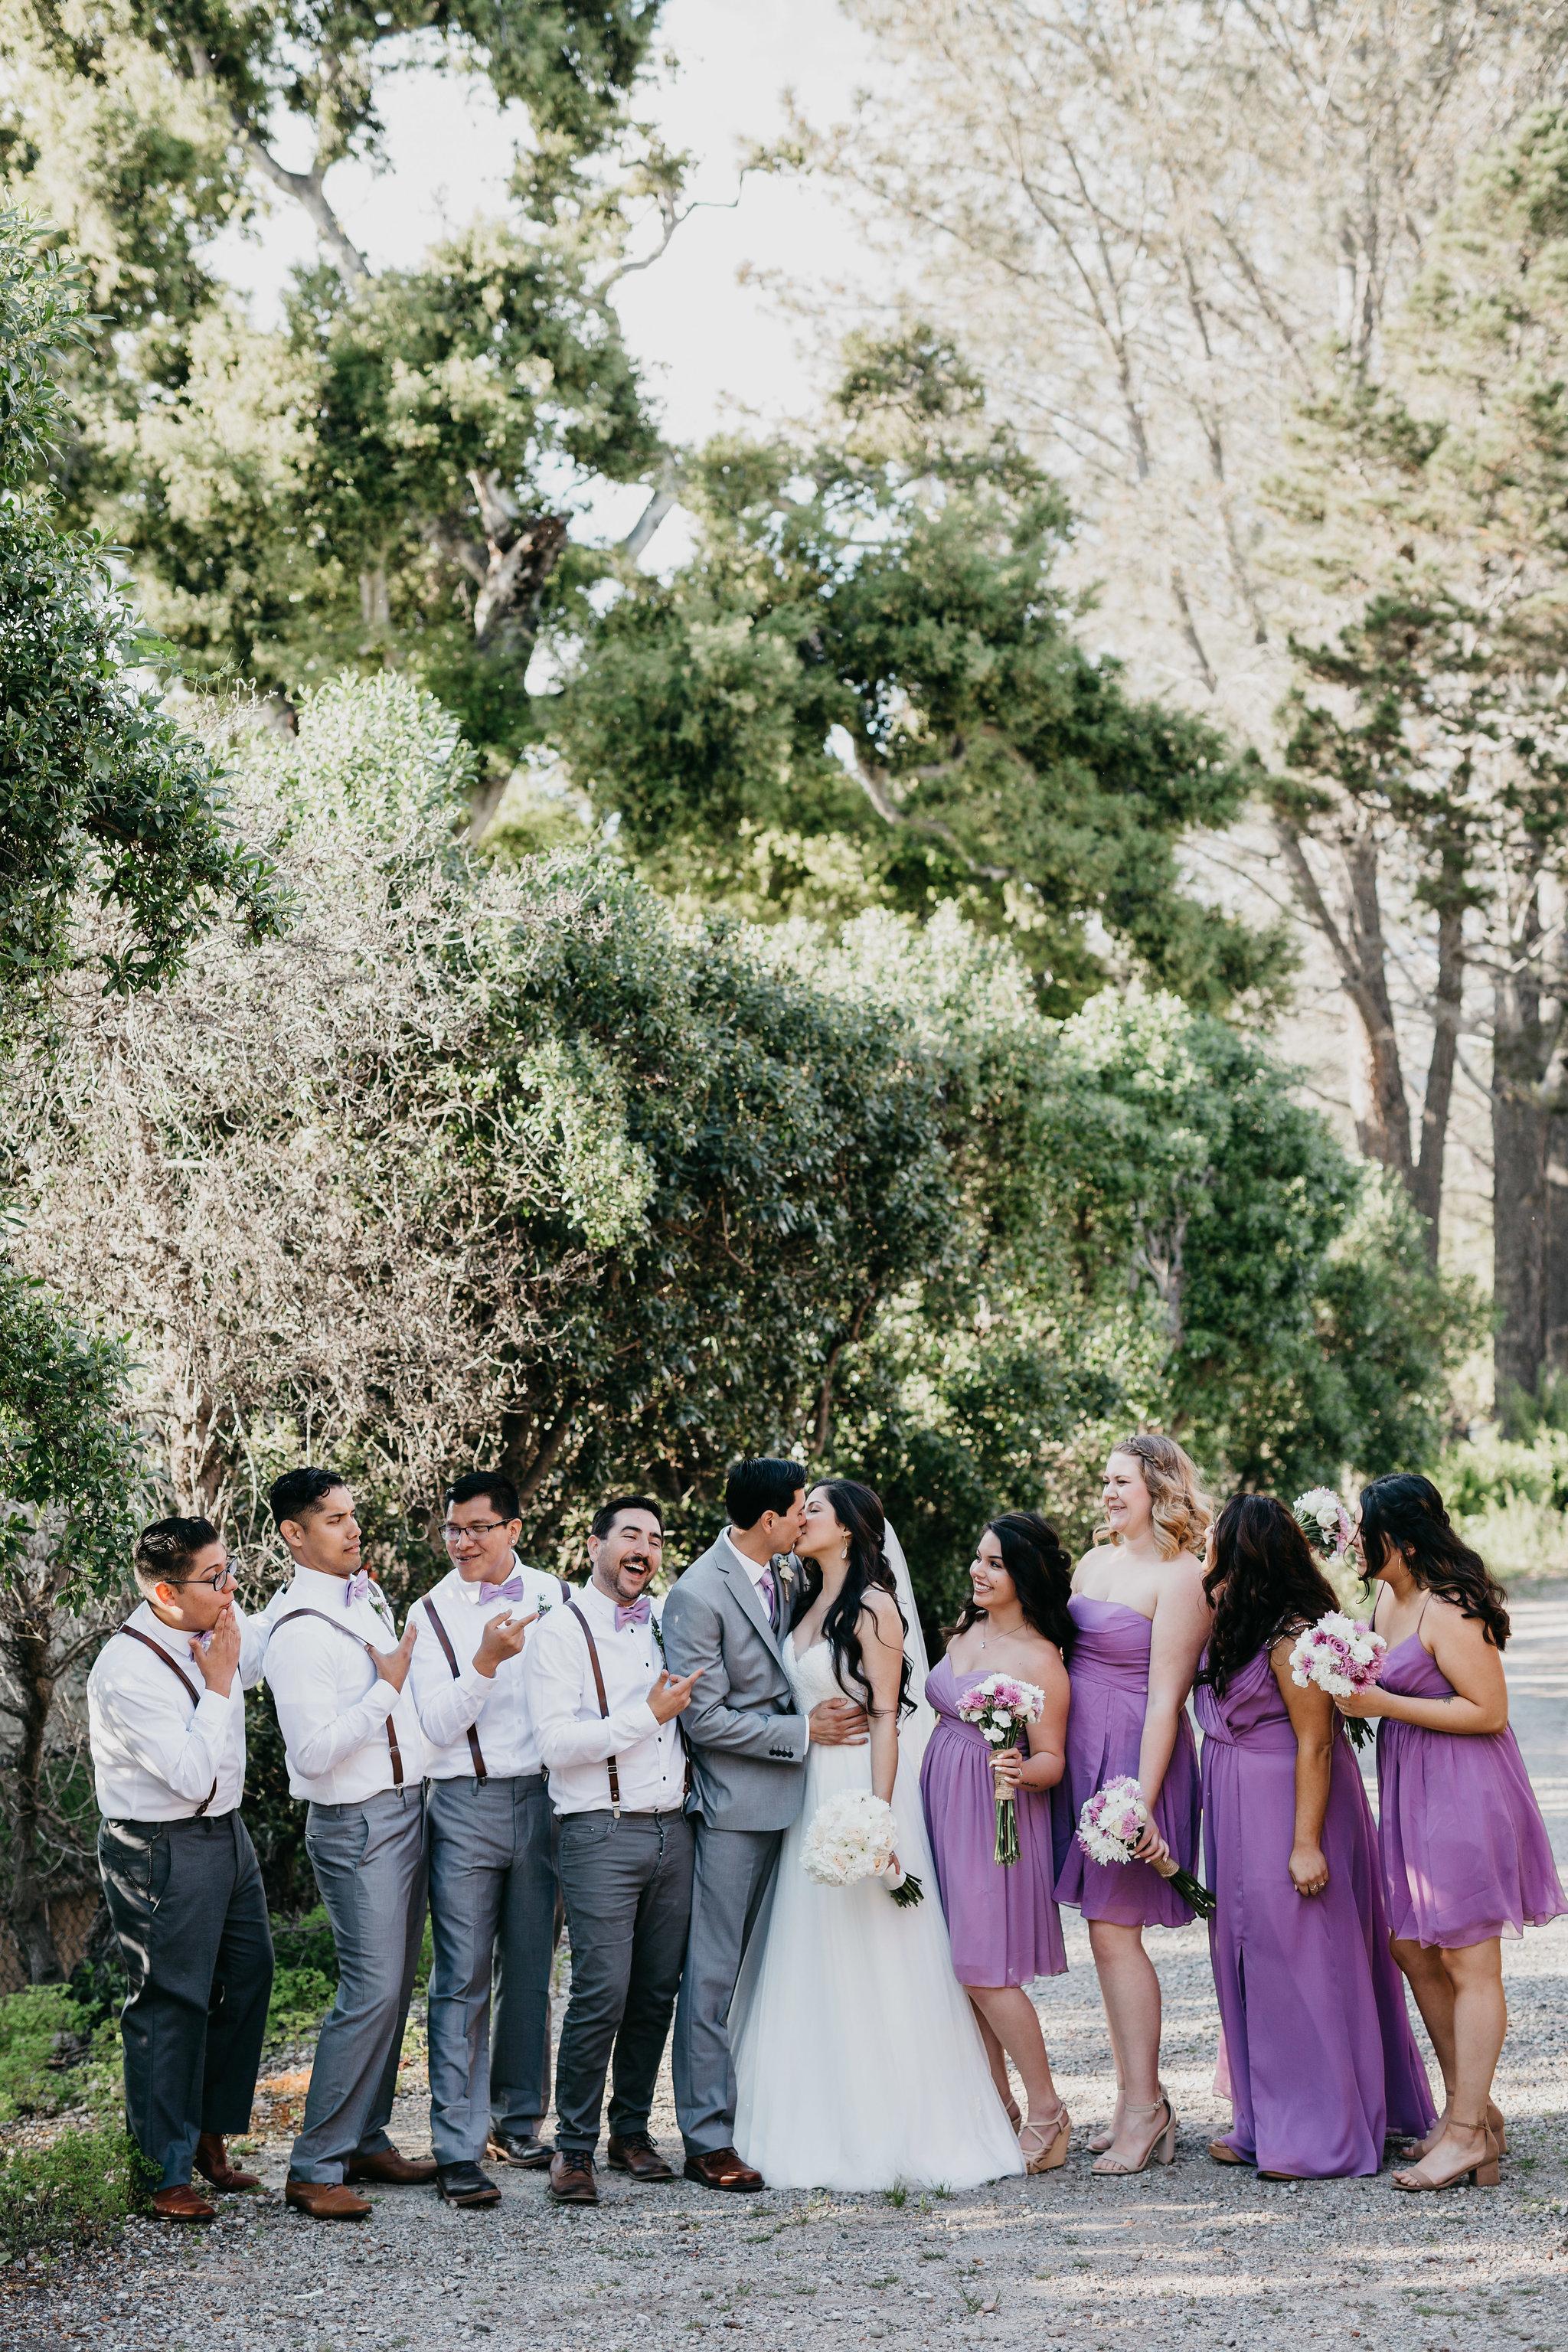 JoeandCelina_BridalParty&Family222.jpg